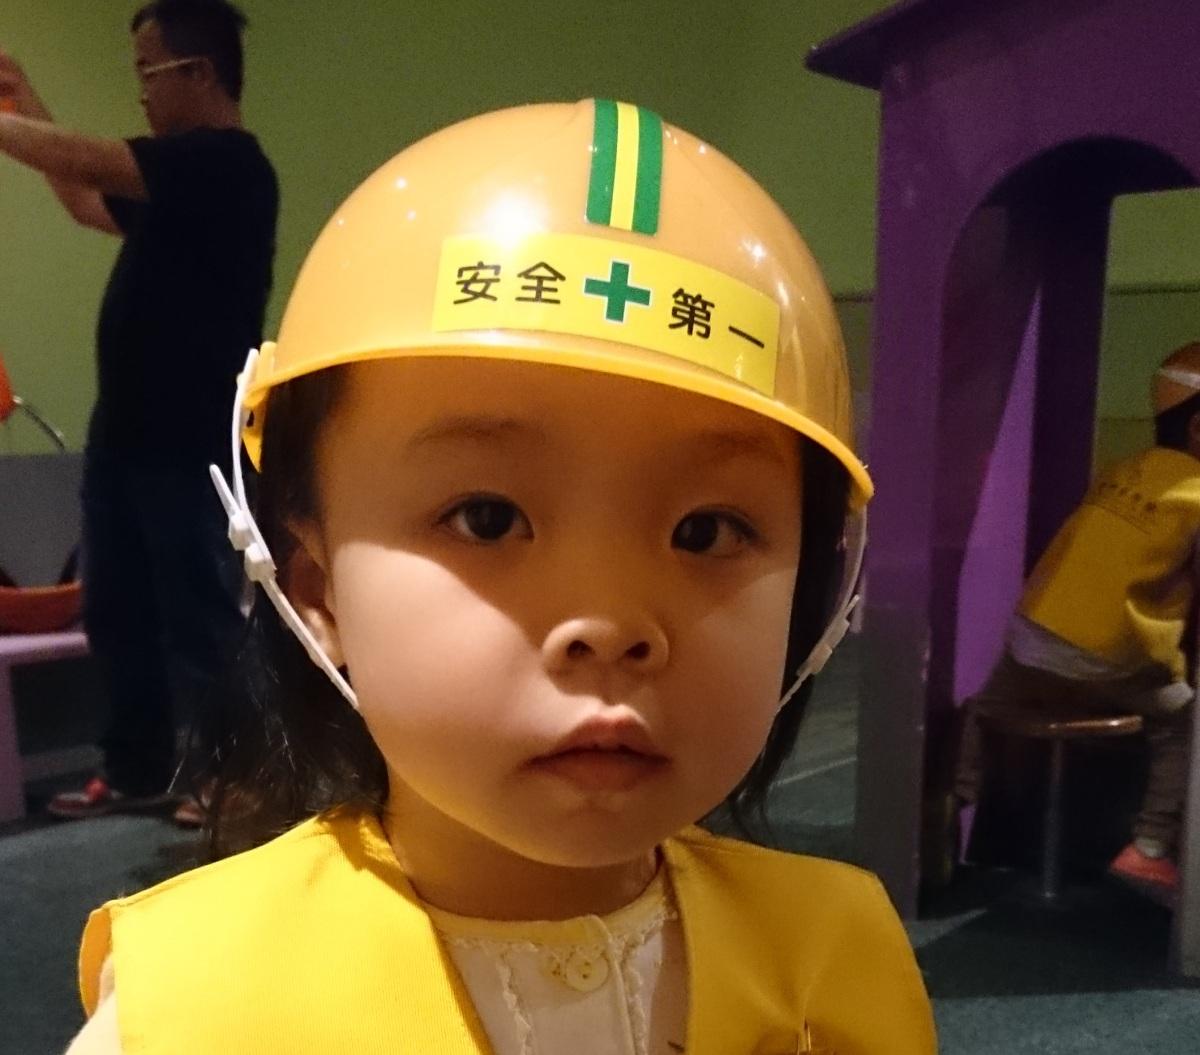 寓教於樂的親子「螺旋遊玩園」:澳門科學館